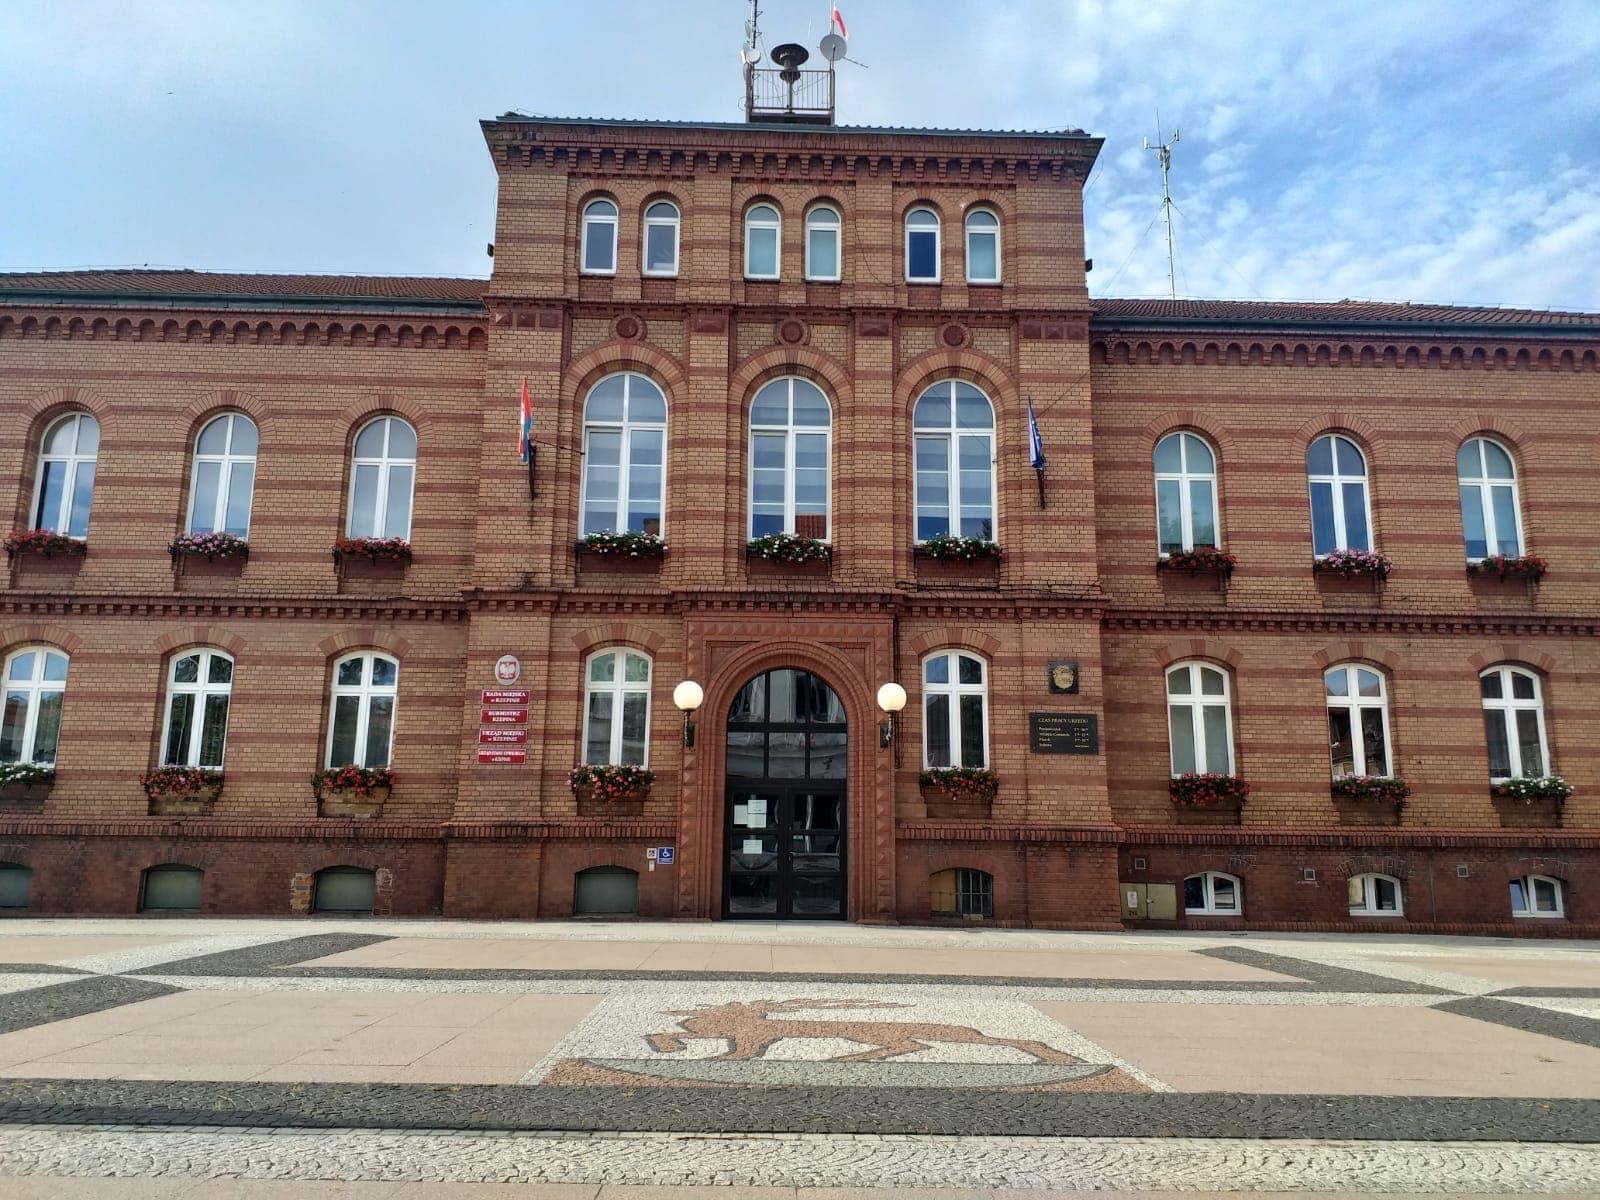 Ilustracja do informacji: Zarządzenie Burmistrza Rzepina z dnia 31.01.2020 r. w sprawie określenia terminów rekrutacji do publicznych przedszkoli i klas pierwszych publicznych szkół podstawowych na rok szkolny 2020/2021, dla których organem prowadzącym jest Gmina Rzepin.